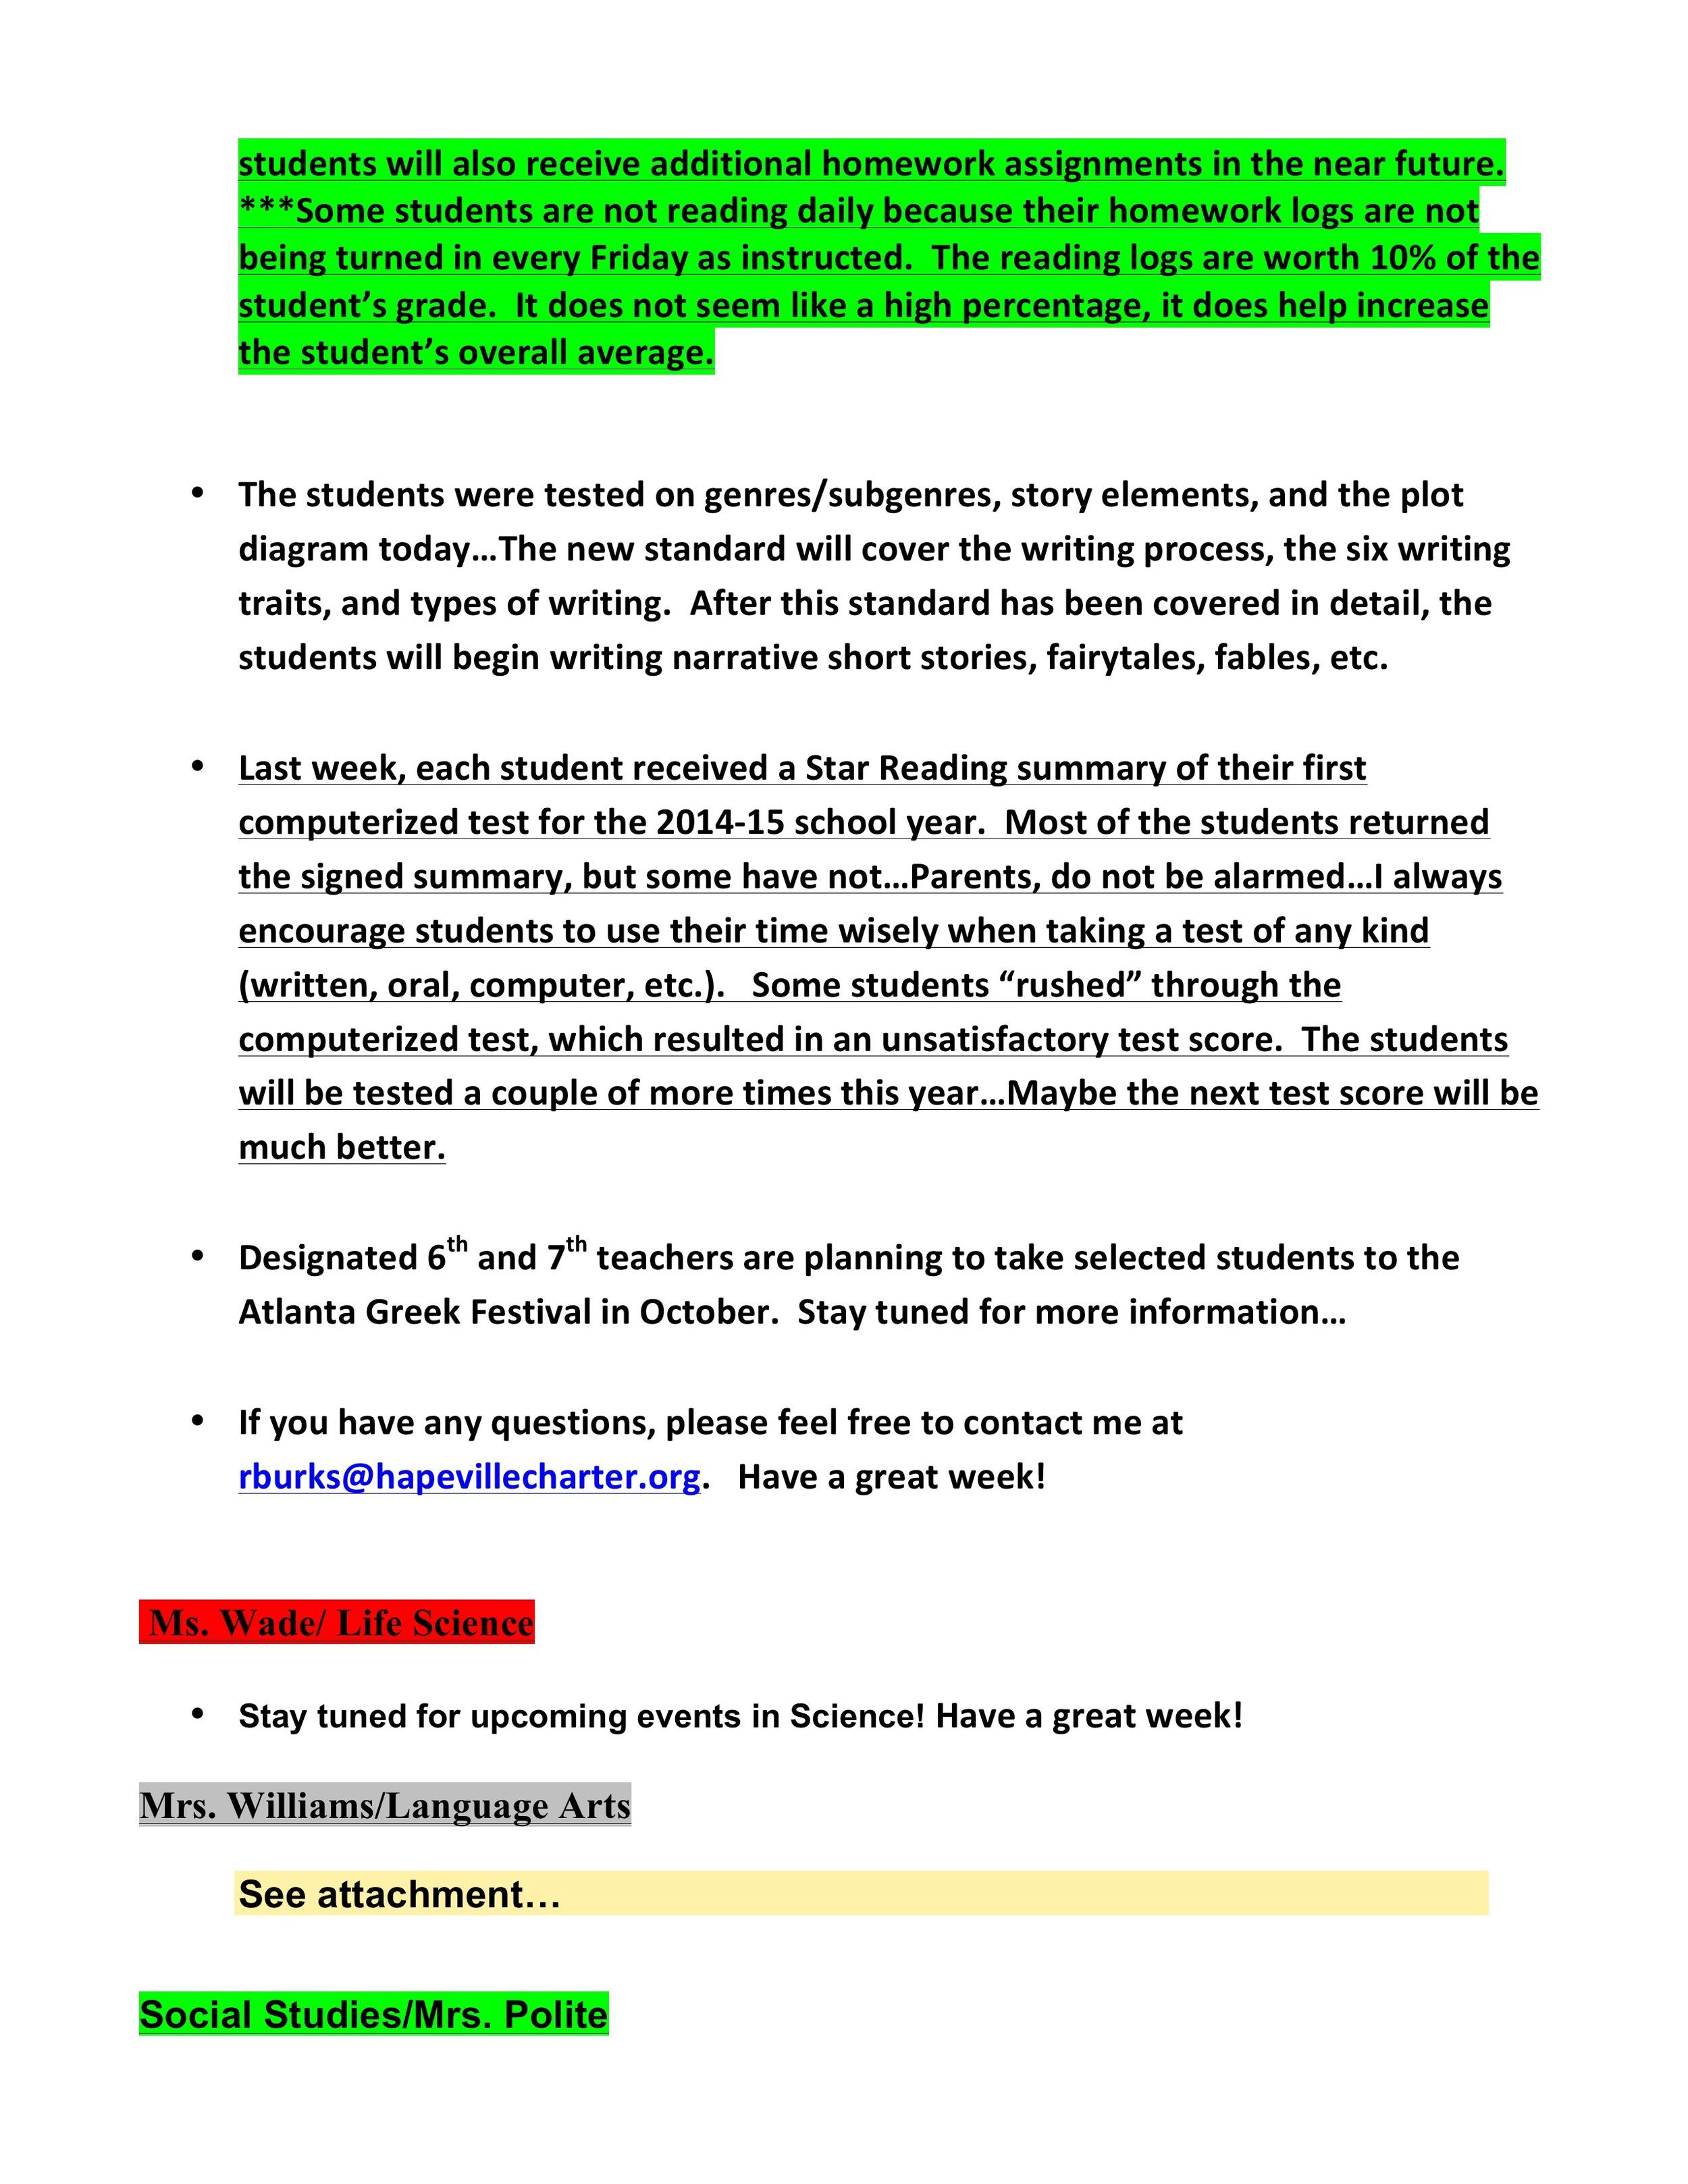 Newsletter Image7th grade sept 8-12 2014 2.jpeg